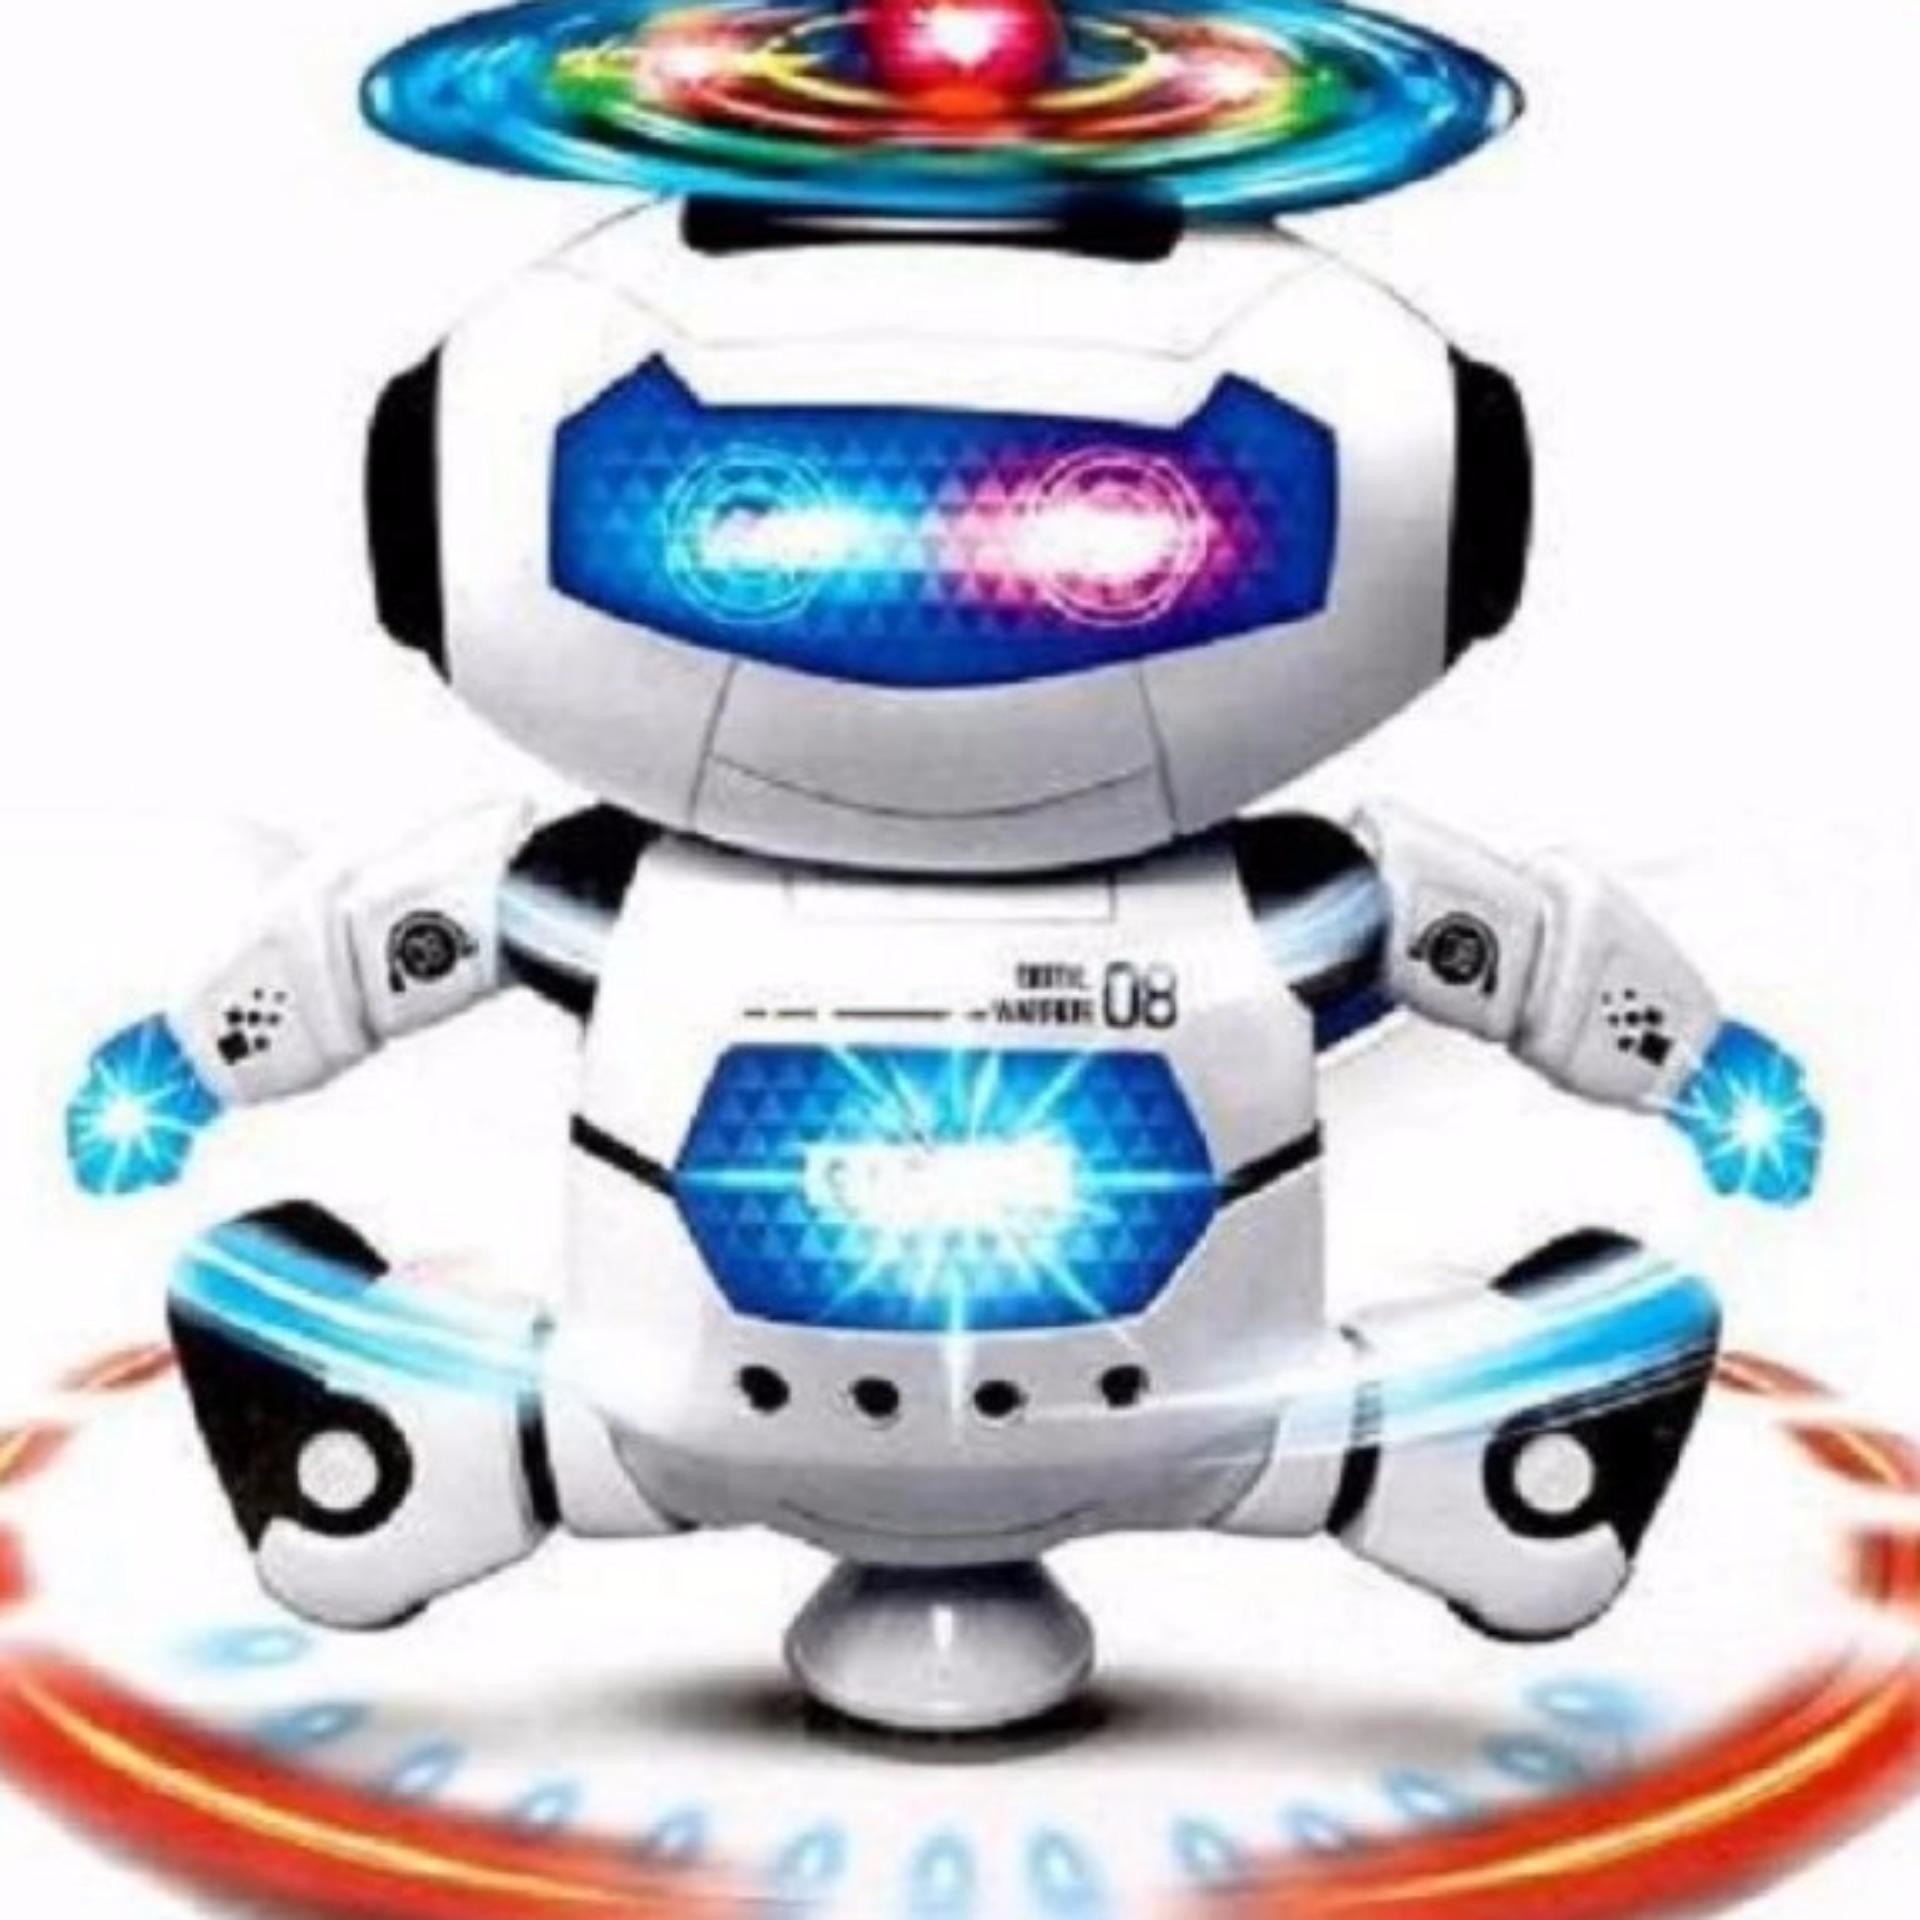 Robot không gian nhảy múa theo nhạc (Xanh)